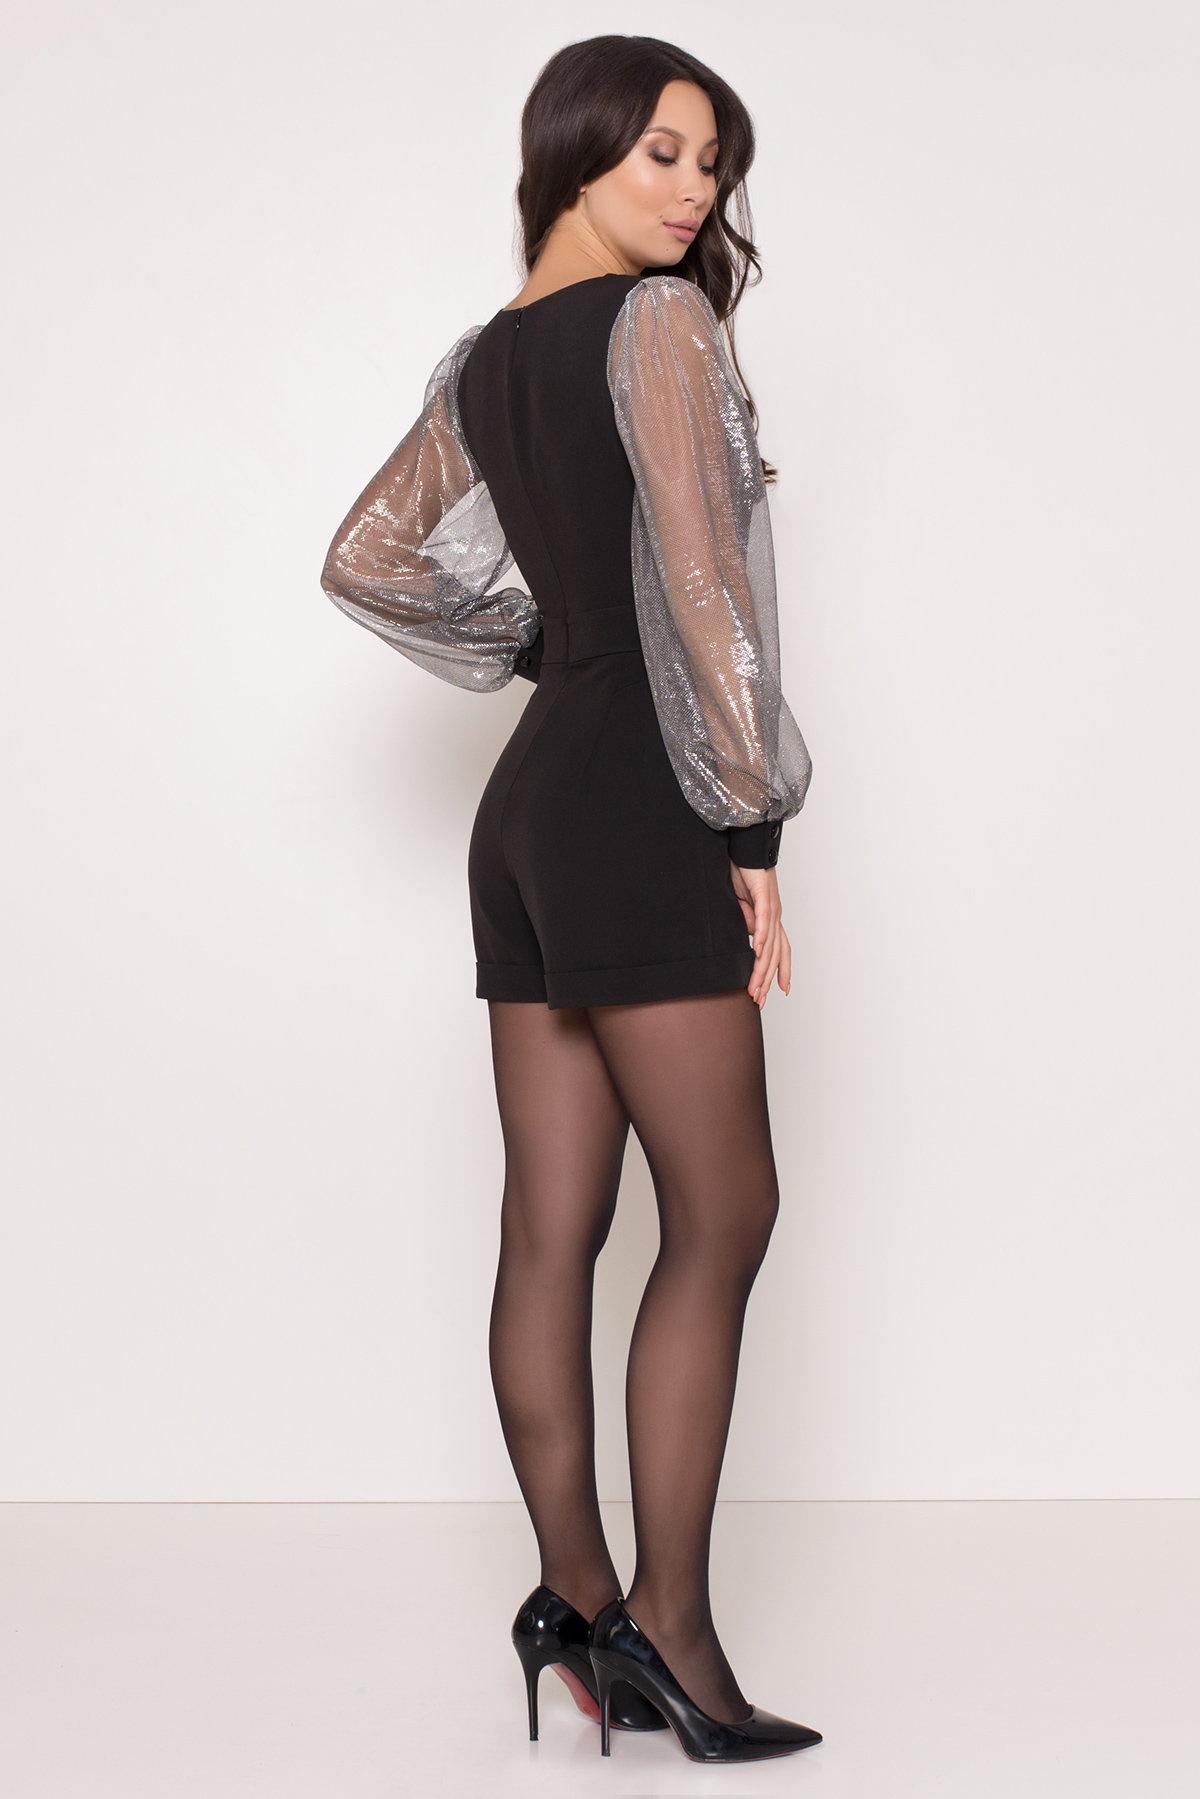 Комбинезон с шортами черного цвета Набель 8566 АРТ. 44881 Цвет: Черный - фото 3, интернет магазин tm-modus.ru